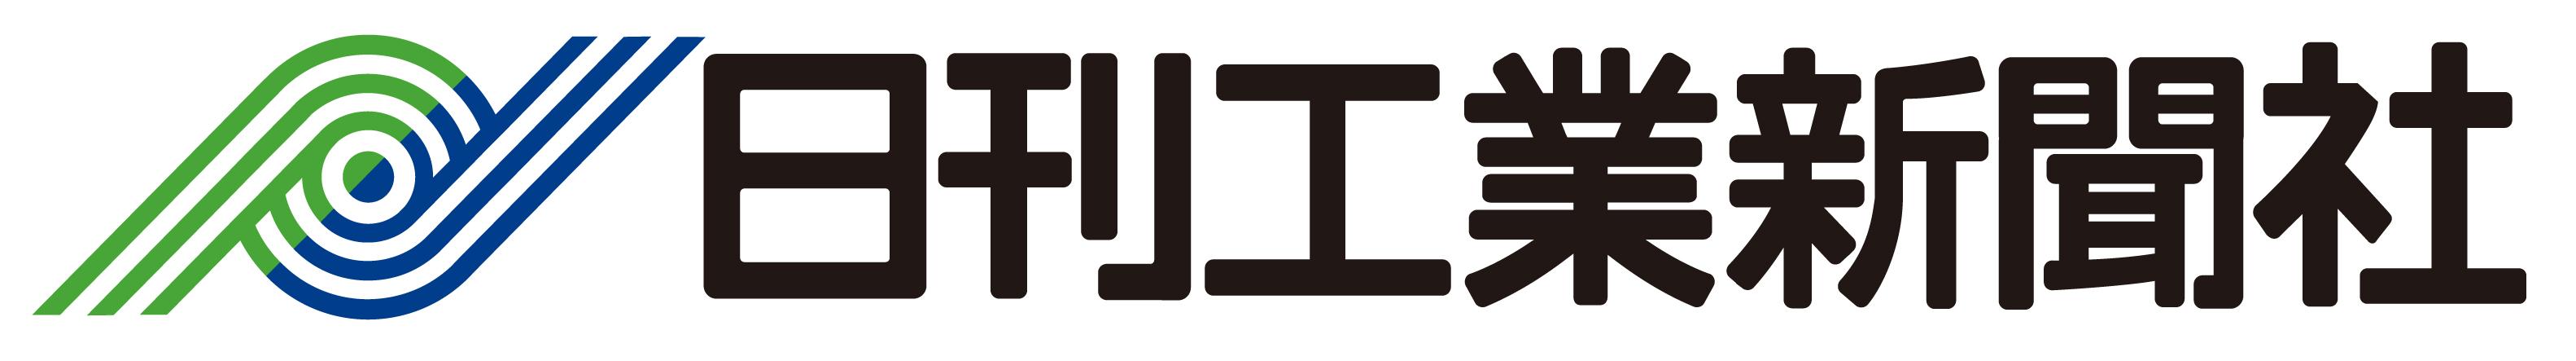 日刊工業新聞ロゴ